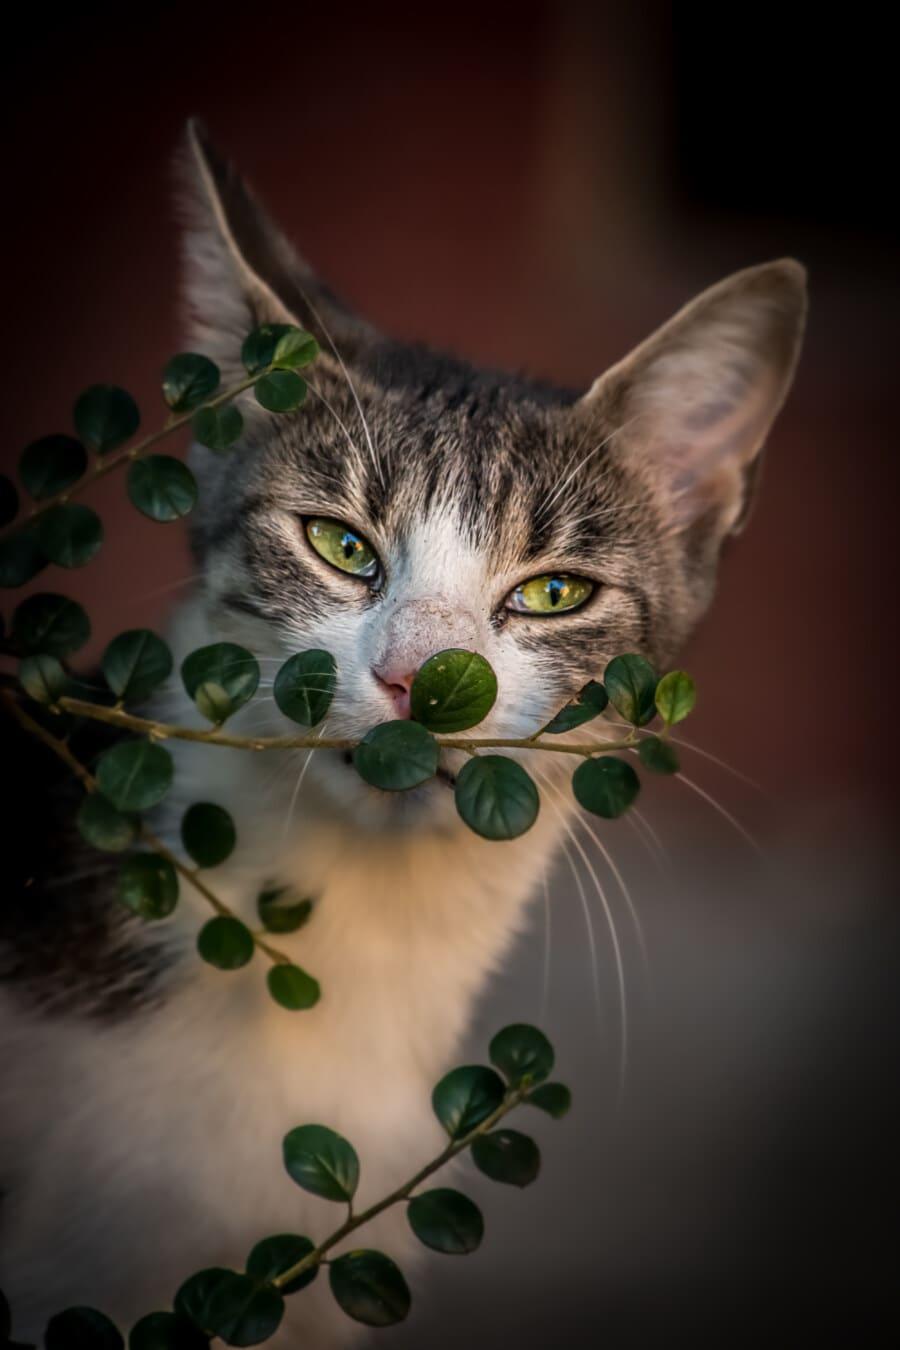 gatito, vertical, adorable, amarillo verdoso, ojos, bigotes, contacto directo, felino, lindo, Kitty